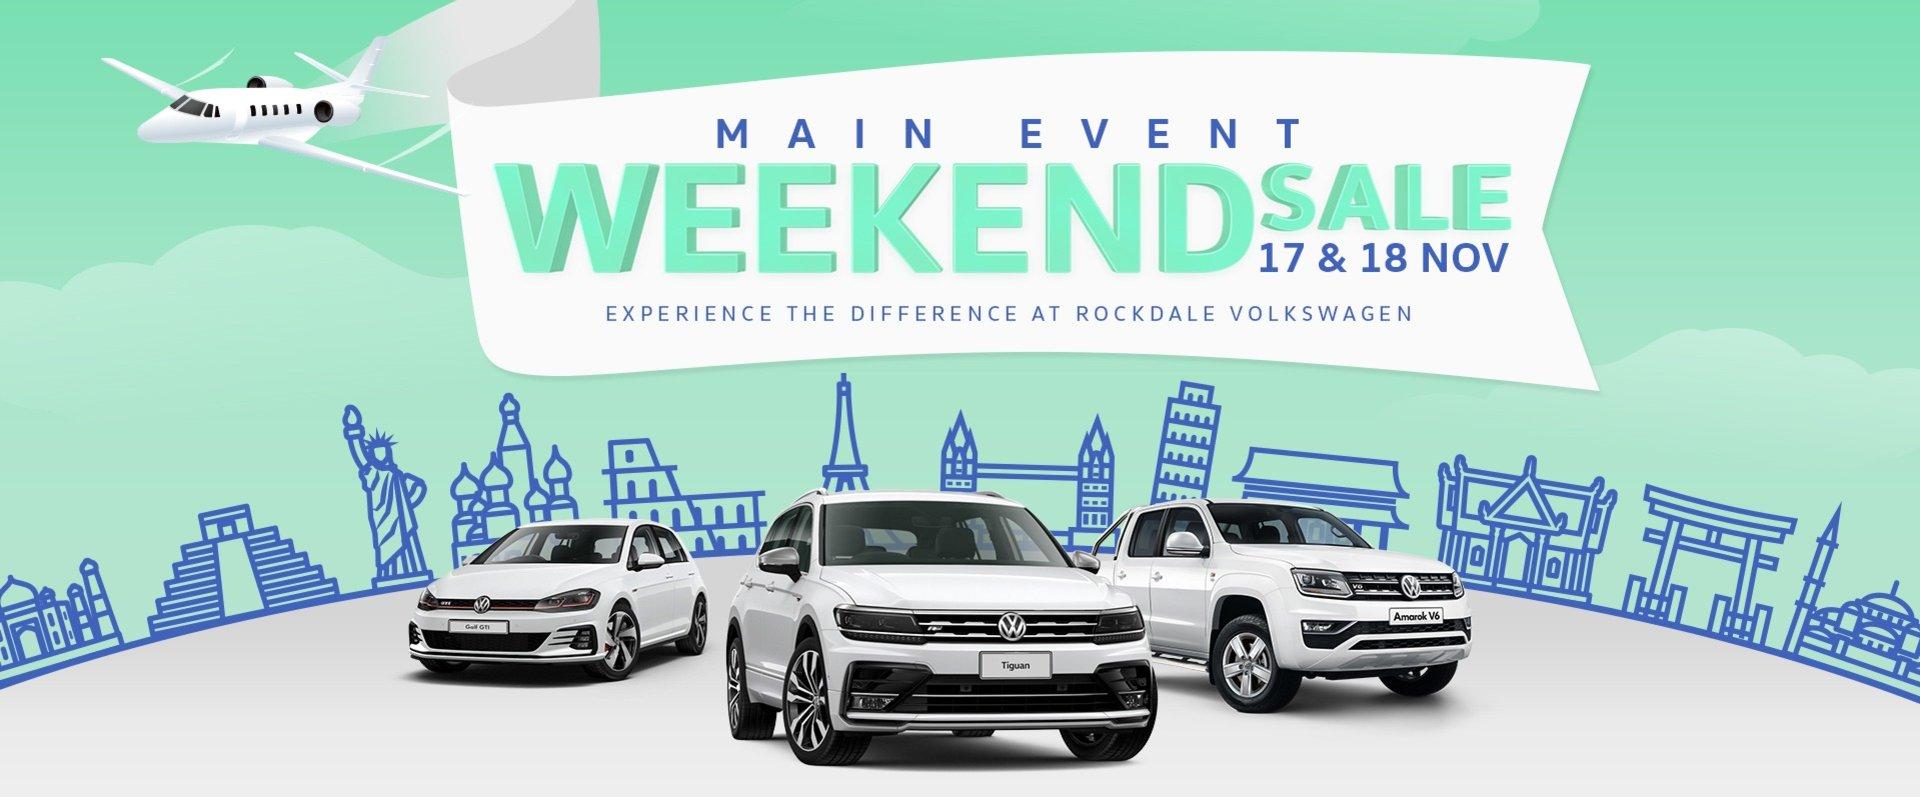 Rockdale Volkswagen Main Event